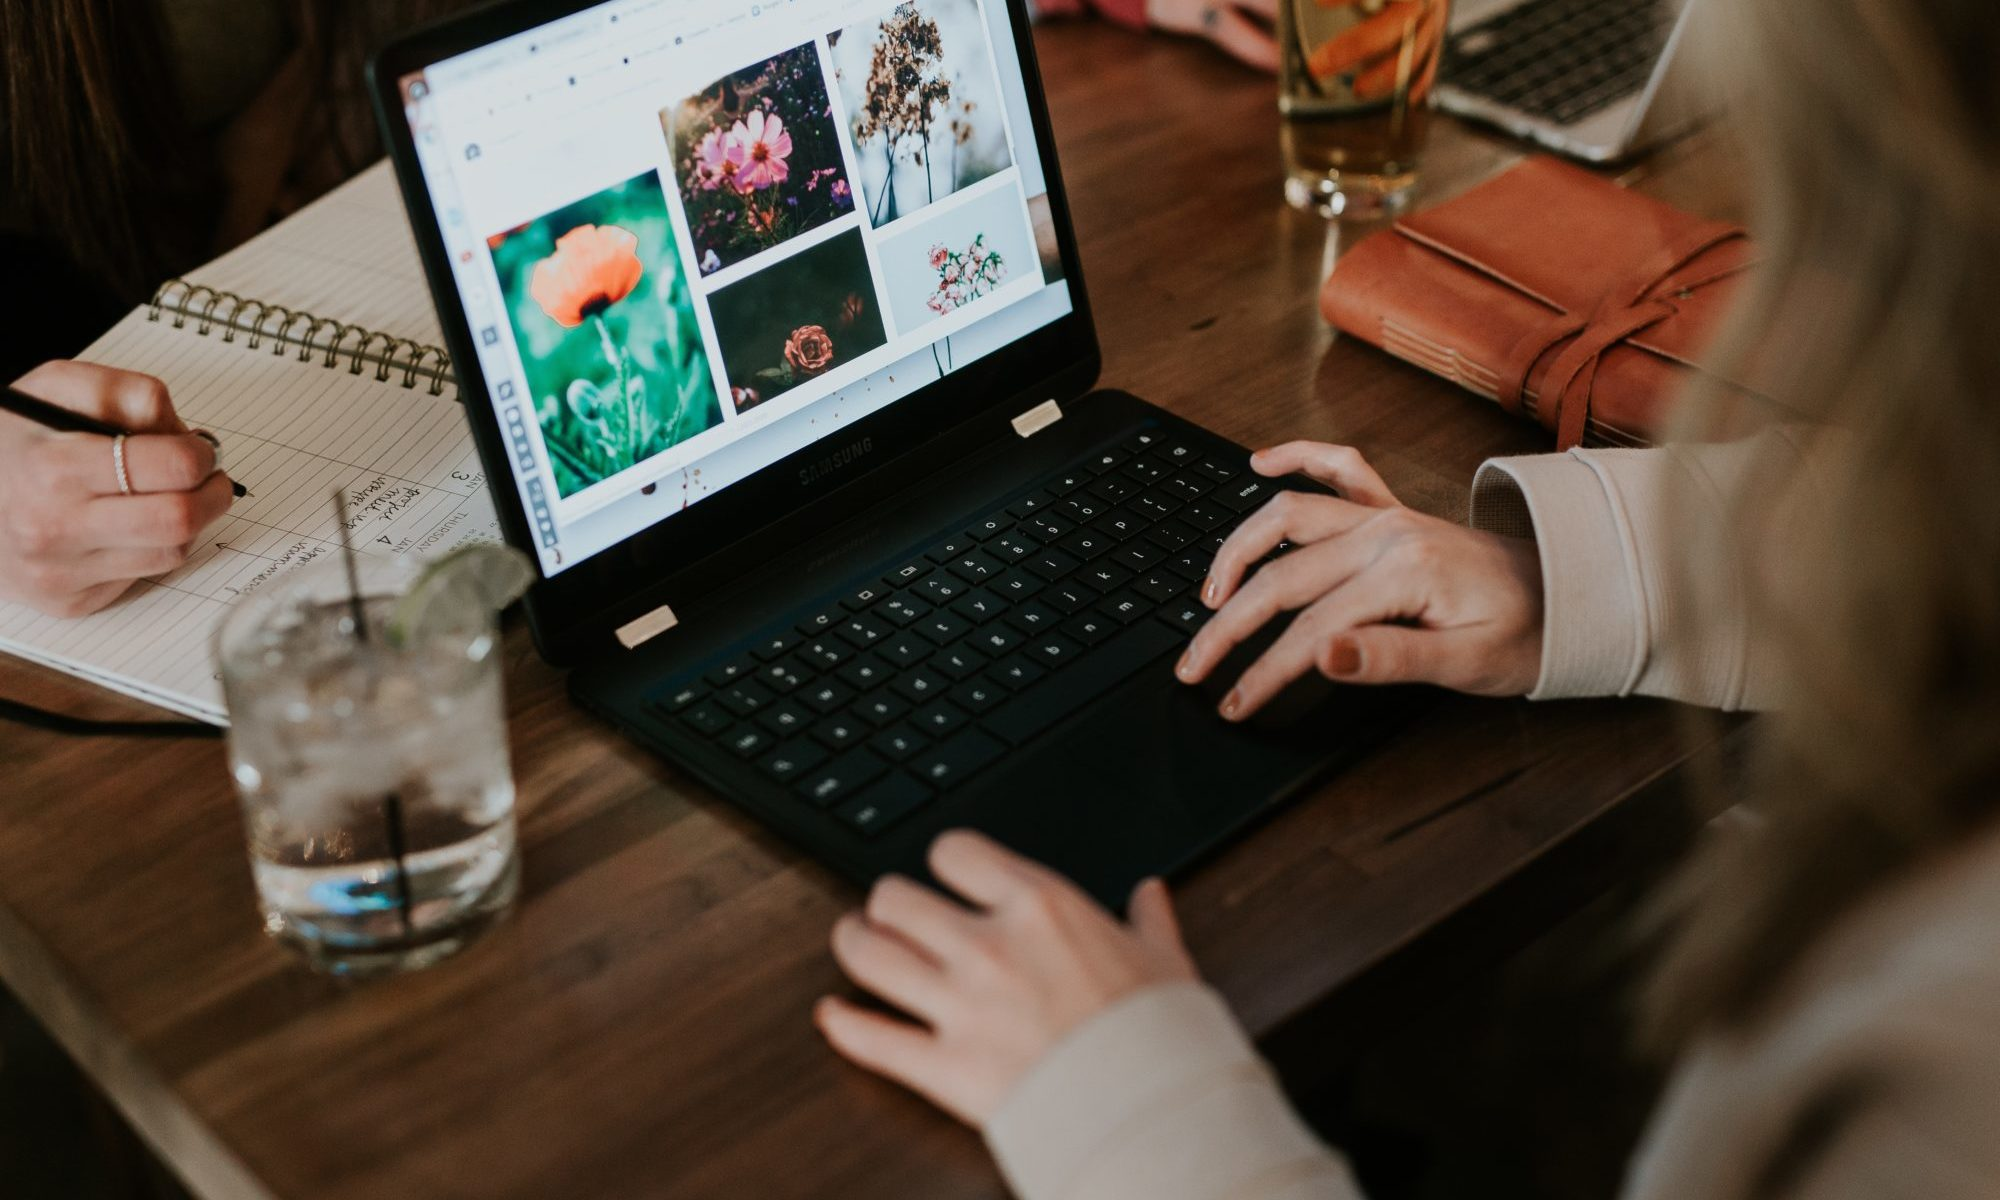 パソコンをみる女